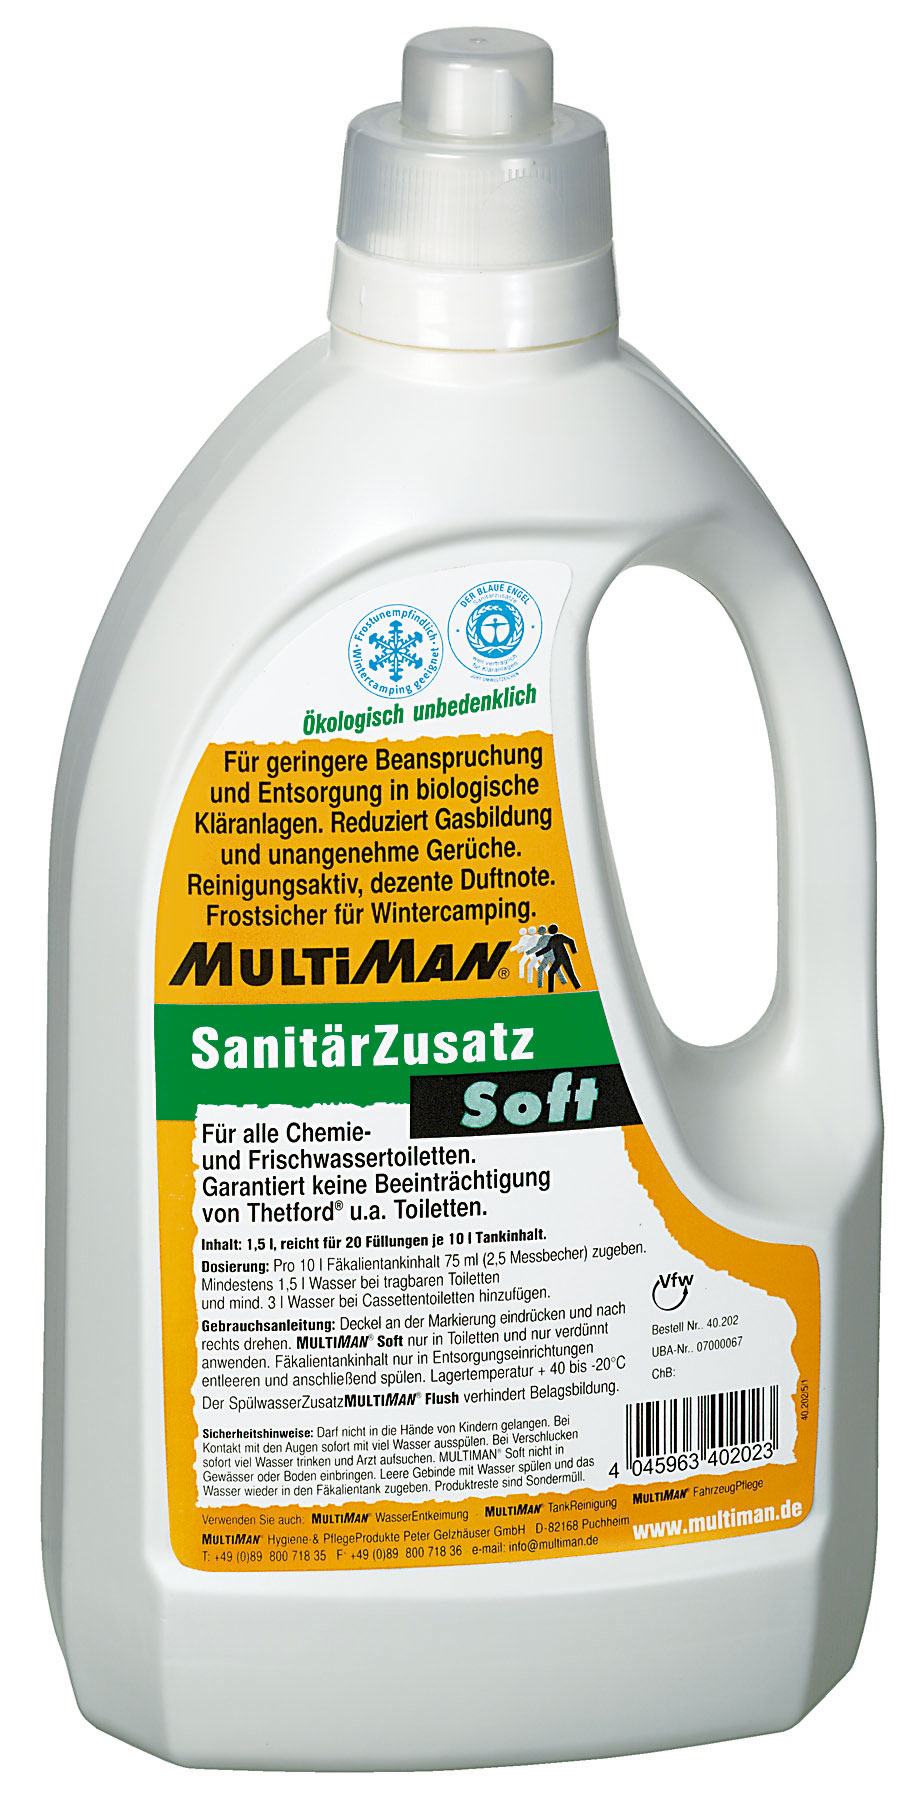 Toilettenchemie_MultiSan_Soft_Toilettenzusatz_1500_Dosierflasche